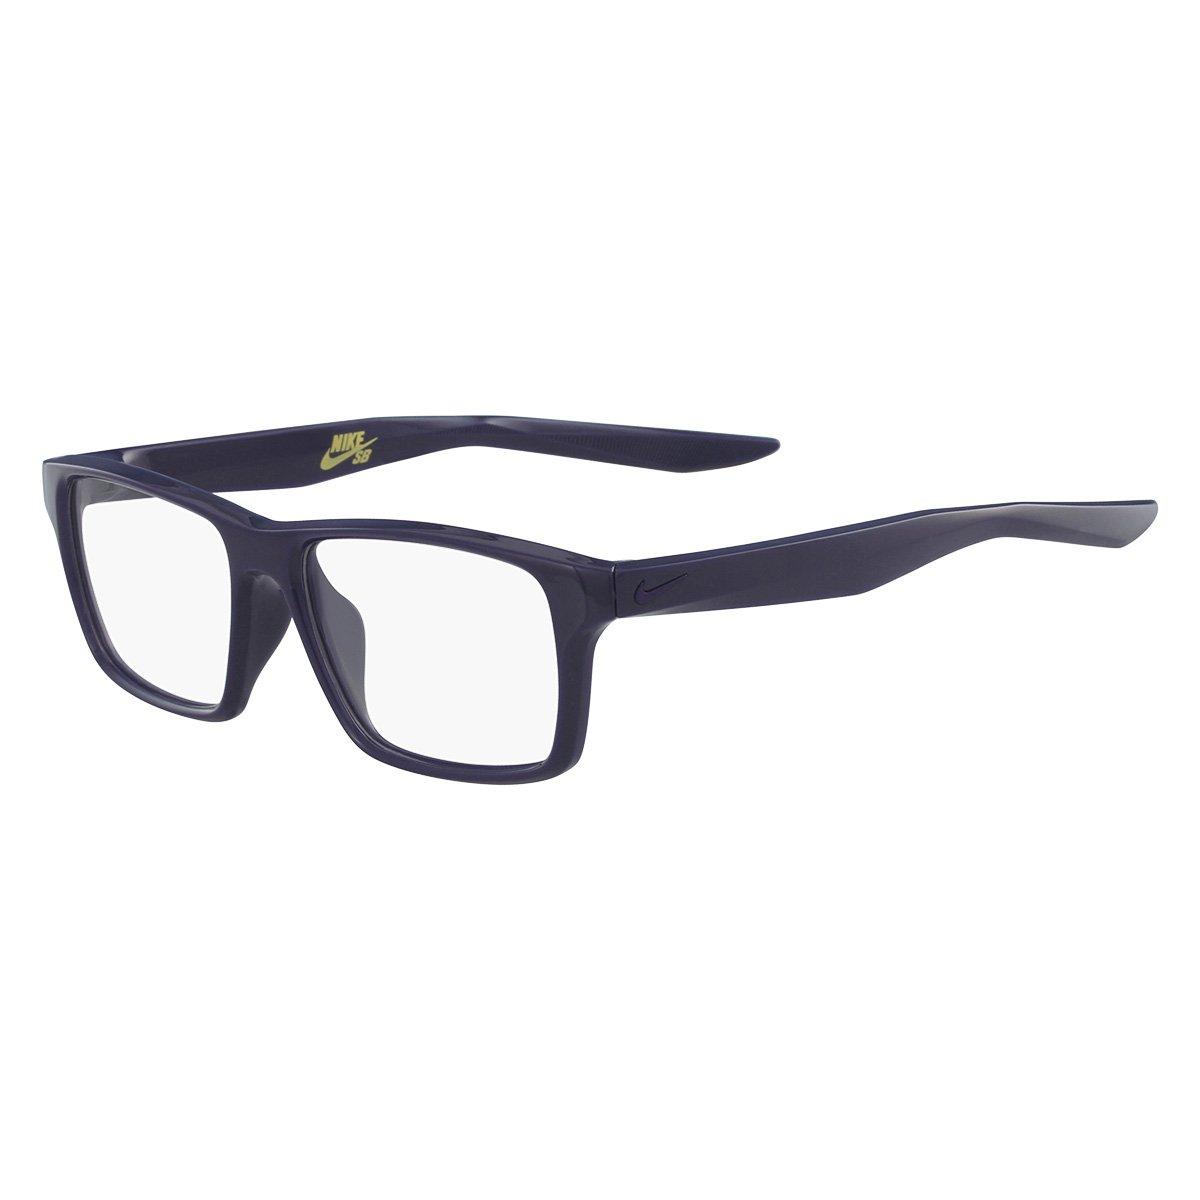 Armação De Óculos Nike 7112 420